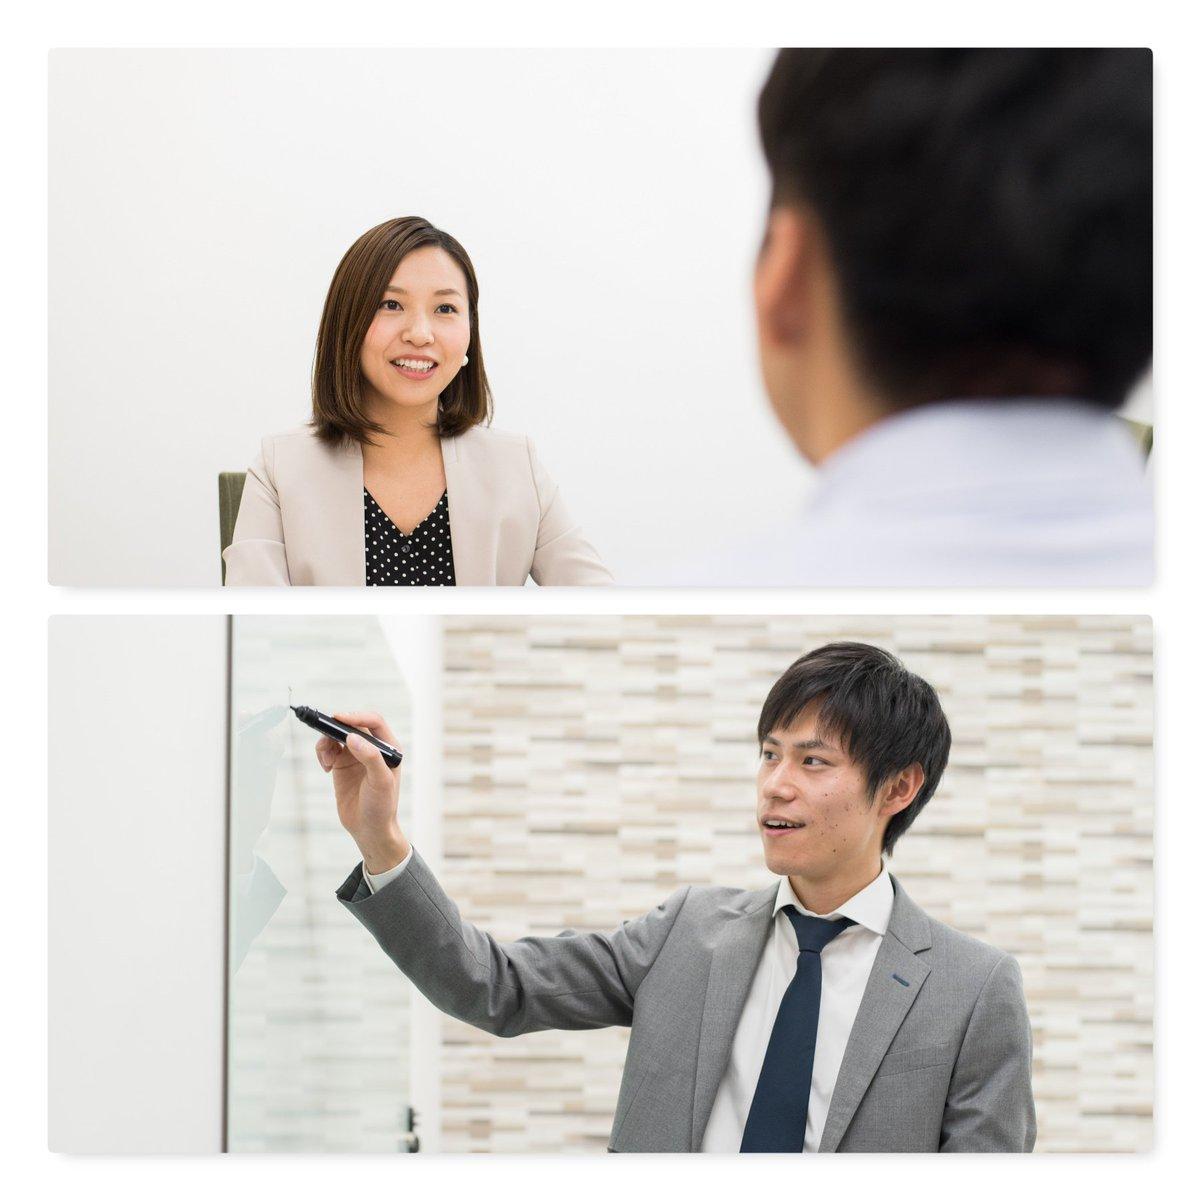 お疲れ様です? ??PROGRIT 英会話コンサルタント募集 [勤務地:東京・神奈川・名古屋・大阪]本田圭佑選手のポスターで知っている方も多いかと思いますが、そのPROGRITでの英会話コンサルタントの募集です。#英会話 #転職 #英語を使うお仕事